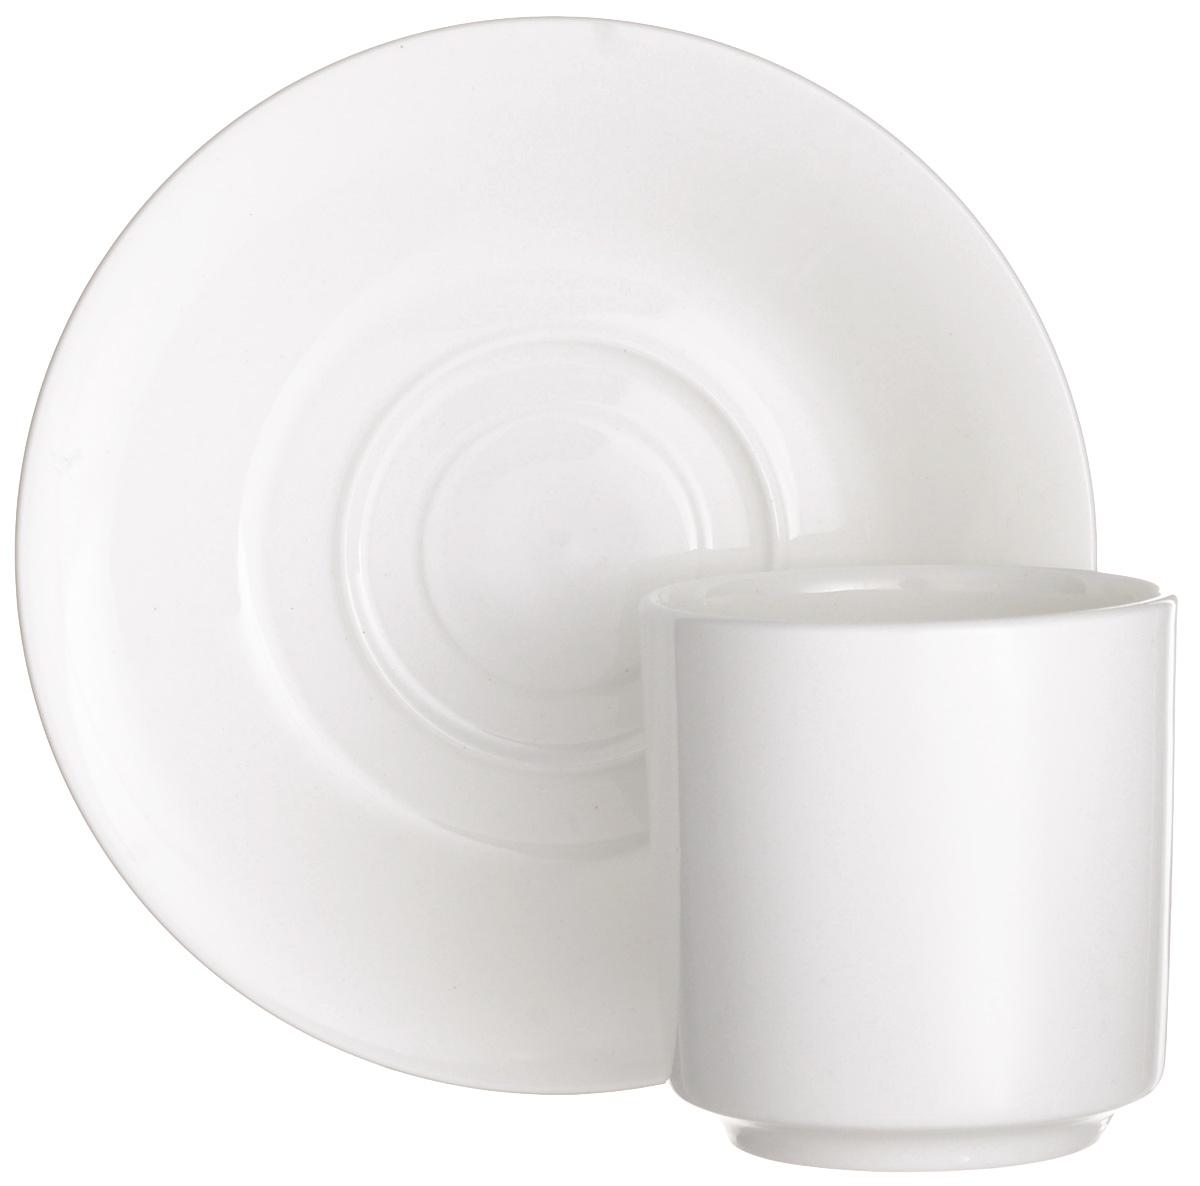 Чайная пара Wilmax, 2 предмета. WL-993020VT-1520(SR)Чайная пара Wilmax состоит из чашки и блюдца, выполненных из высококачественного фарфора.Чайная пара украсит ваш кухонный стол, а также станет замечательным подарком к любому празднику.Объем чашки: 150 мл.Диаметр чашки (по верхнему краю): 6,5 см.Диаметр основания чашки: 4,5 см.Высота чашки: 7 см.Диаметр блюдца: 14 см.